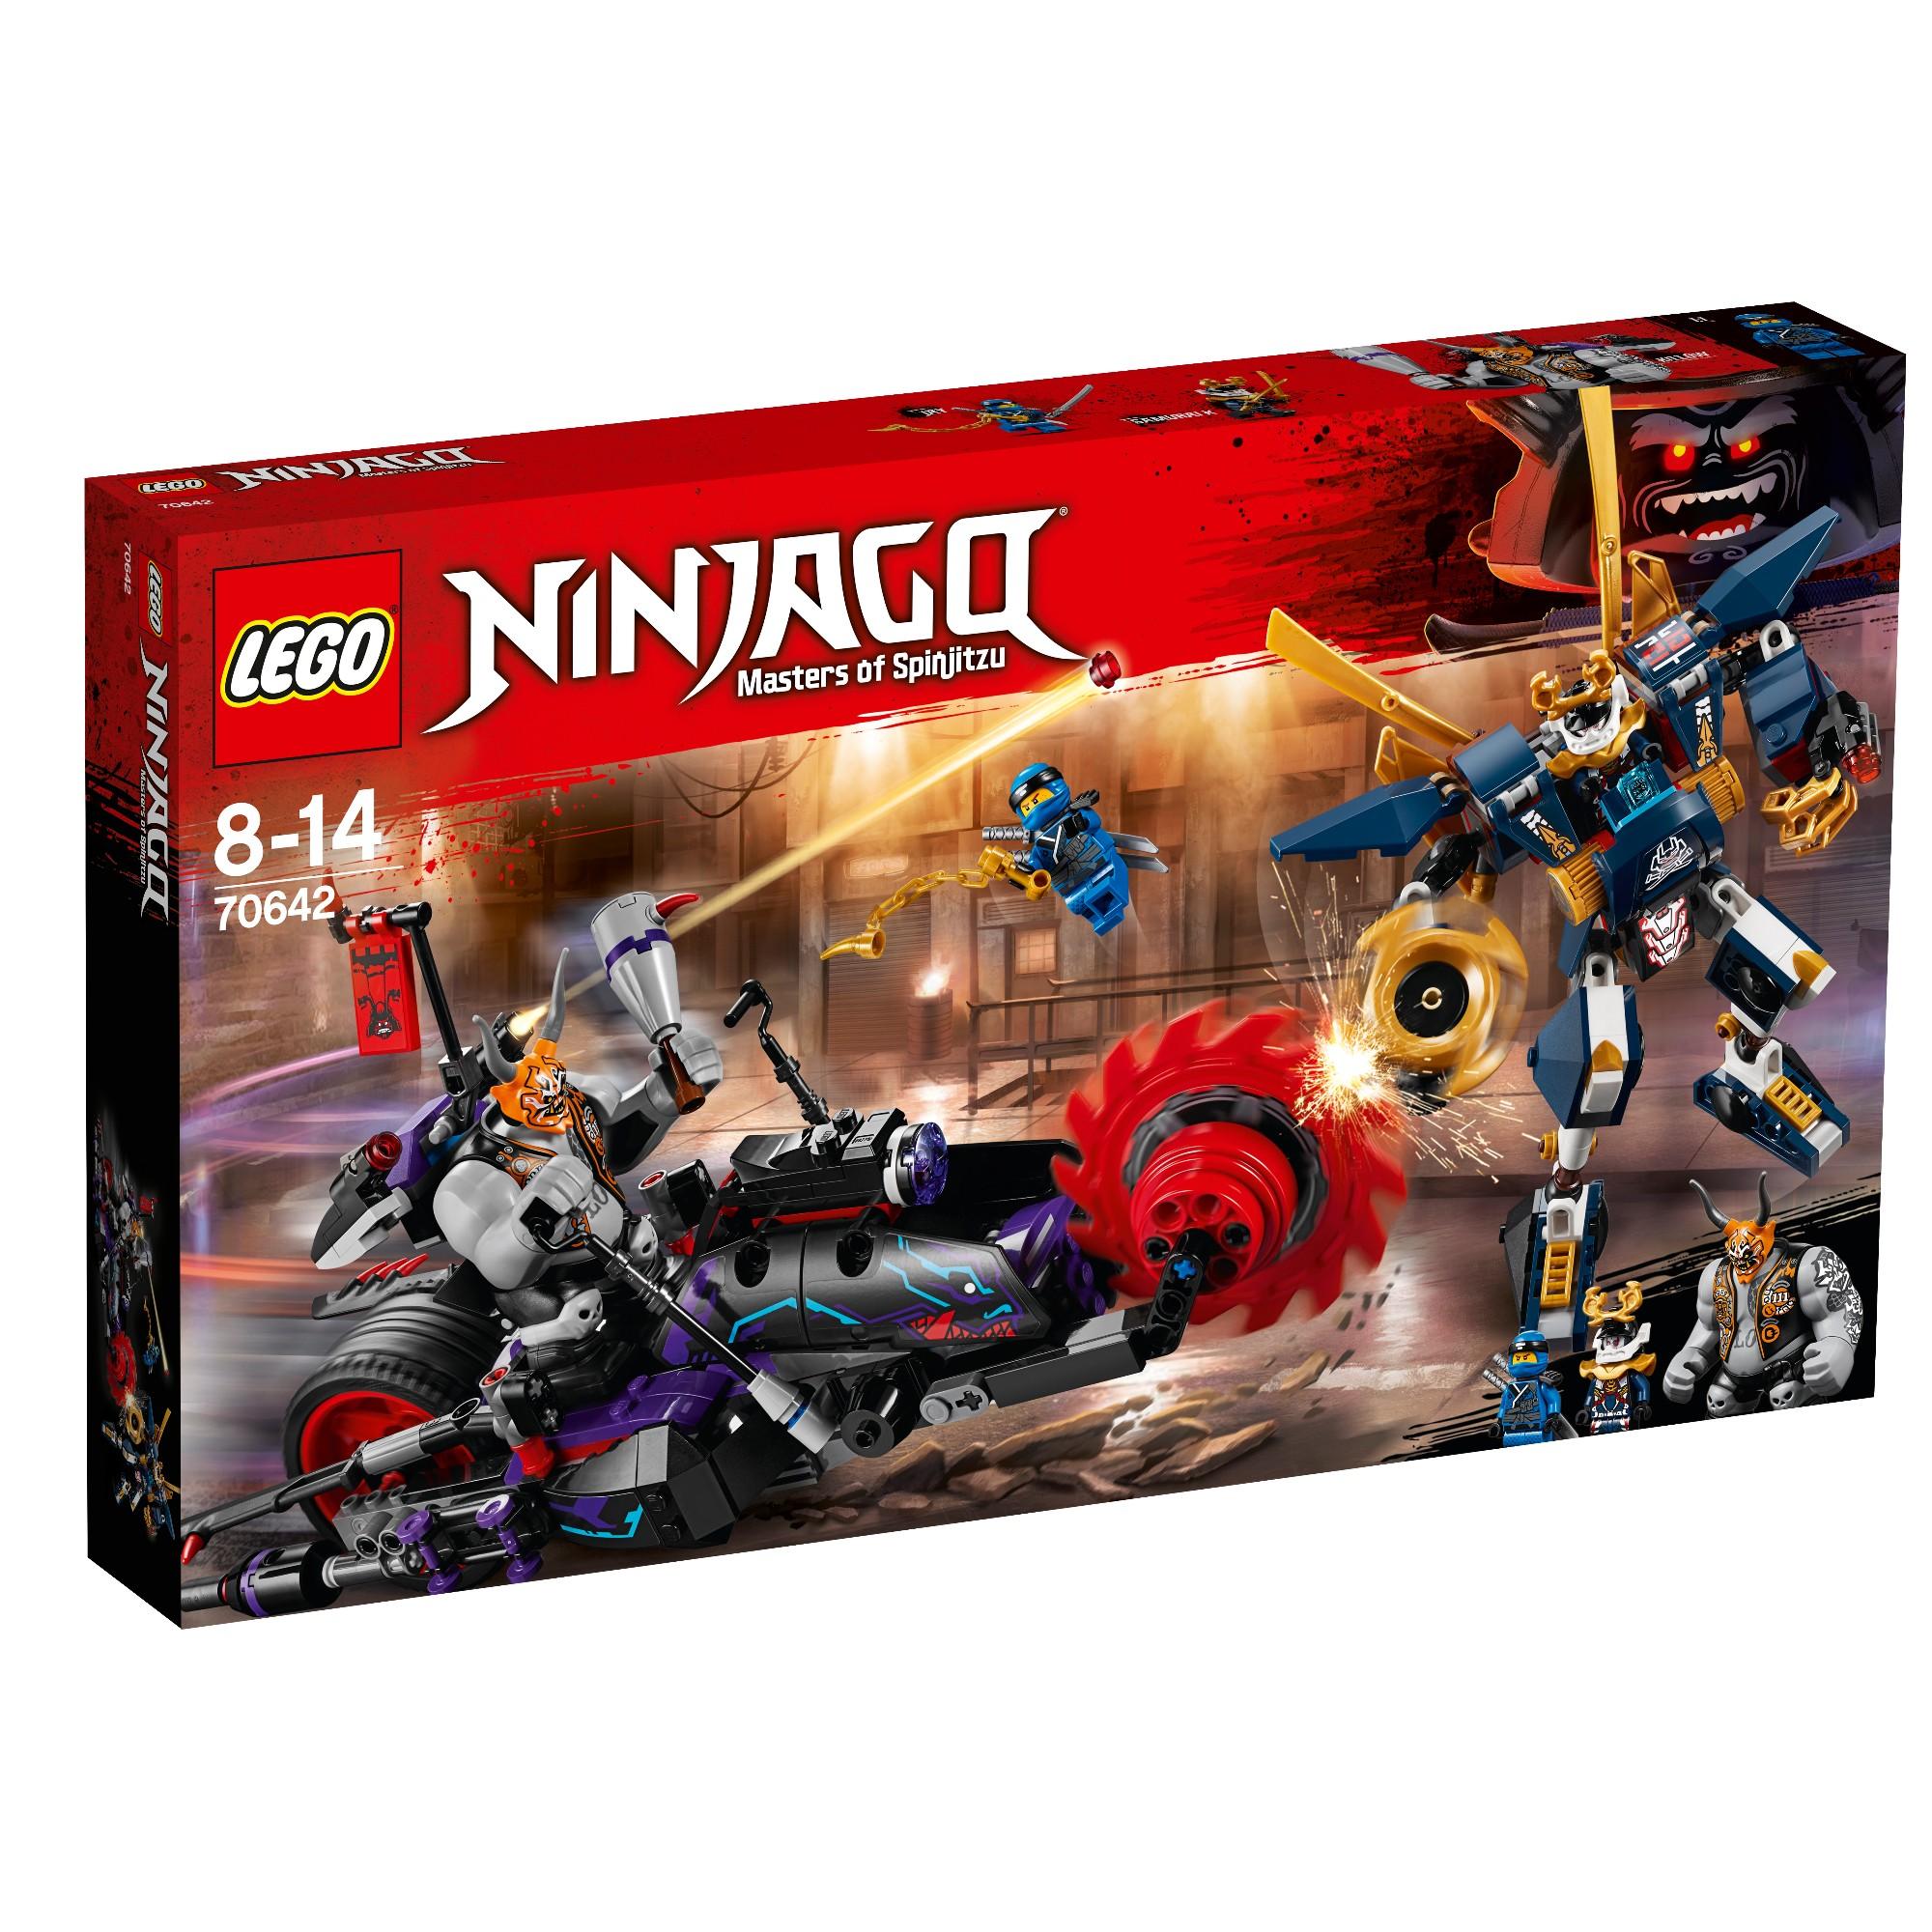 Konstruktorius LEGO NINJAGO Killow prieš Samurajų X 8-14 metų vaikams (70642)